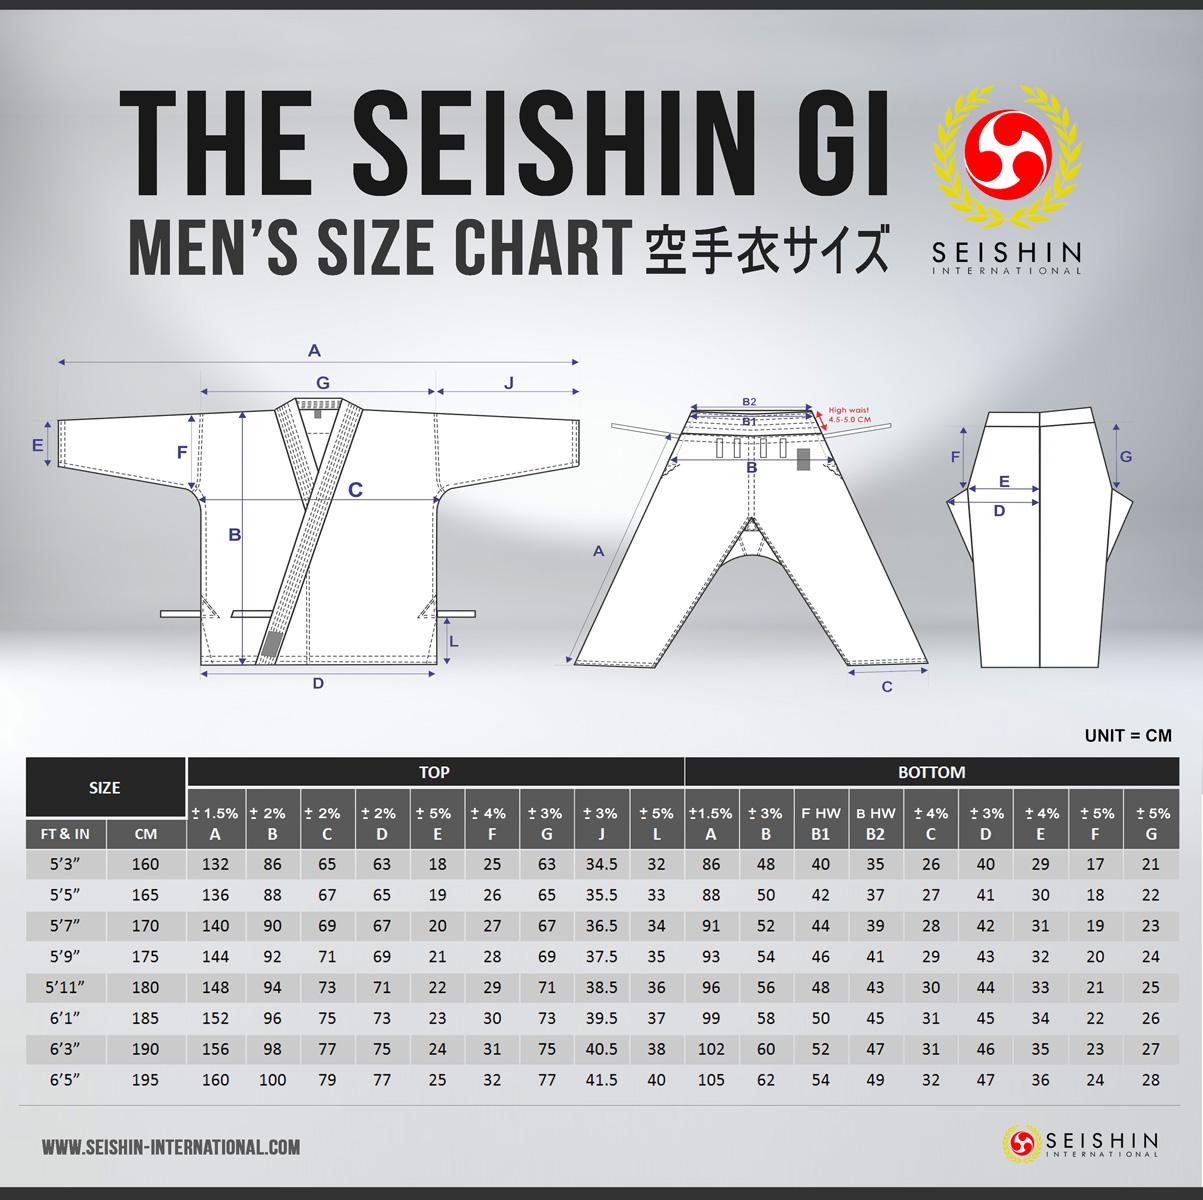 SEISHIN_GI_SIZE_CHART_MEN.jpg